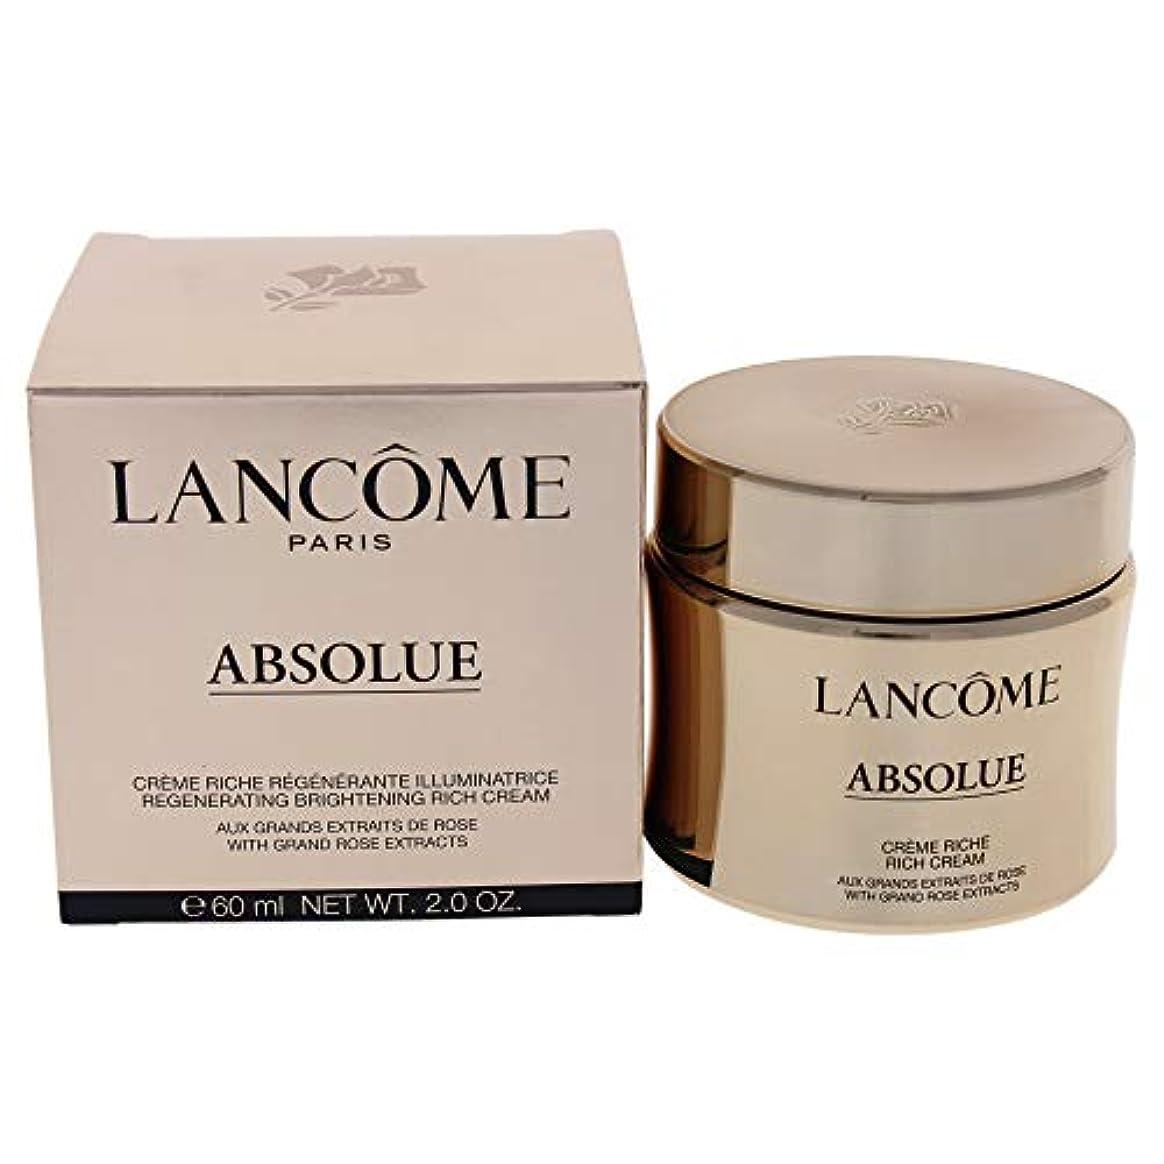 終わった発音因子Lancome Absolue Rich Cream ランコム アプソリュ リッチクリーム 60ml